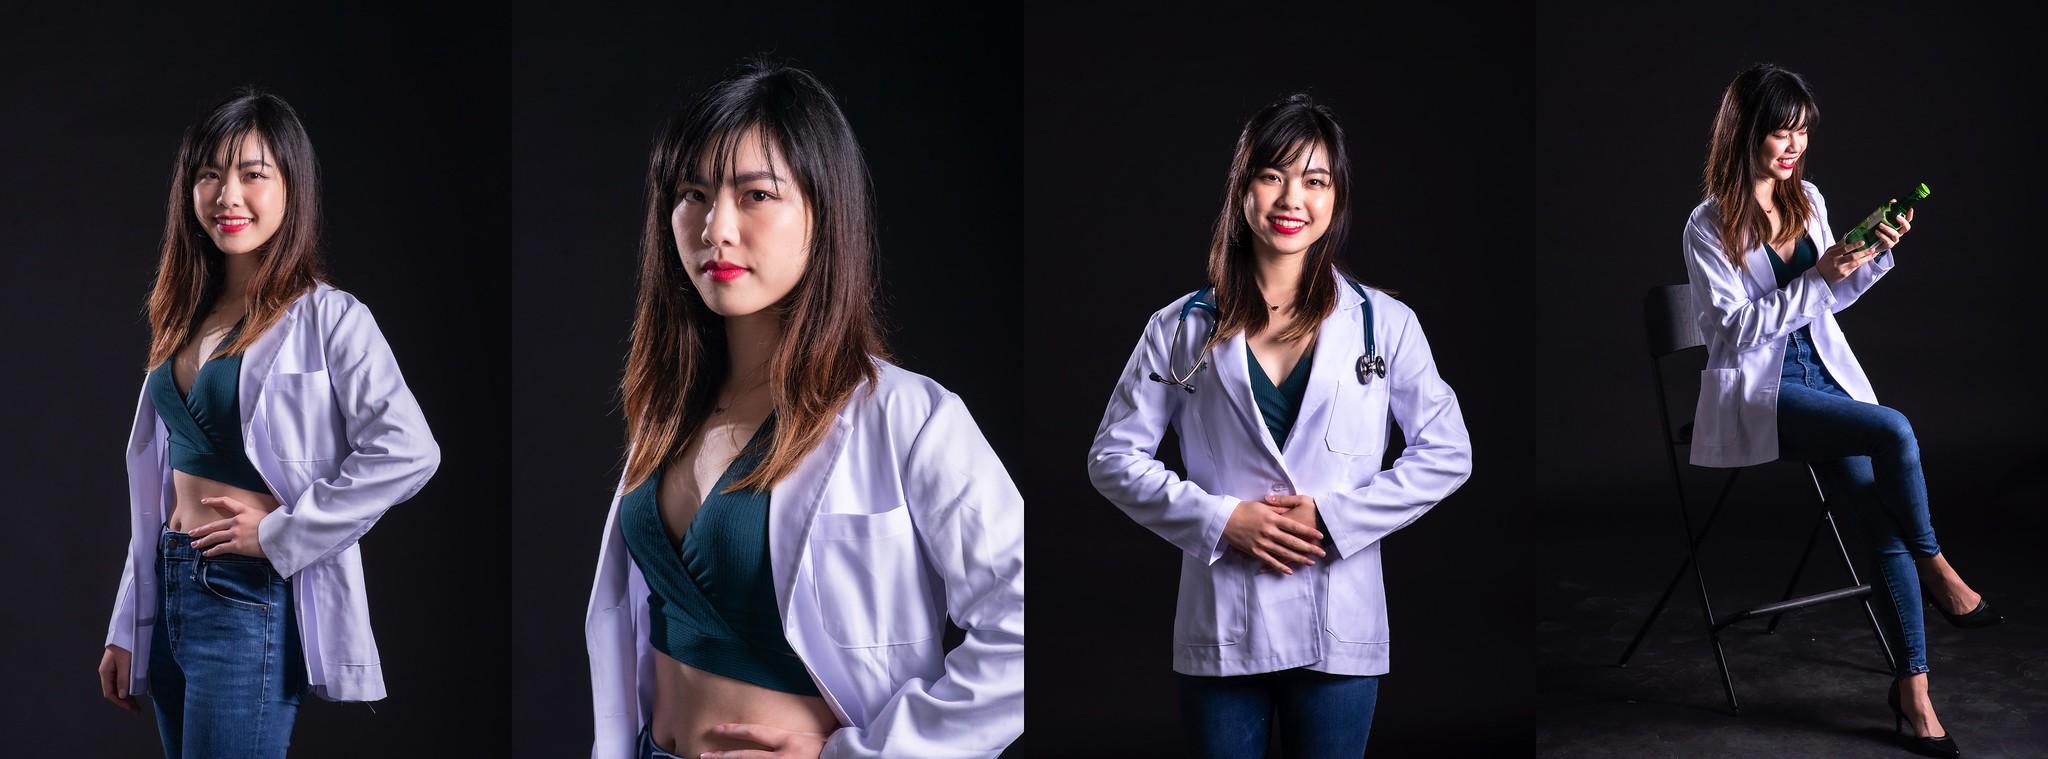 中國醫藥大學醫學院M60白袍形象照_07